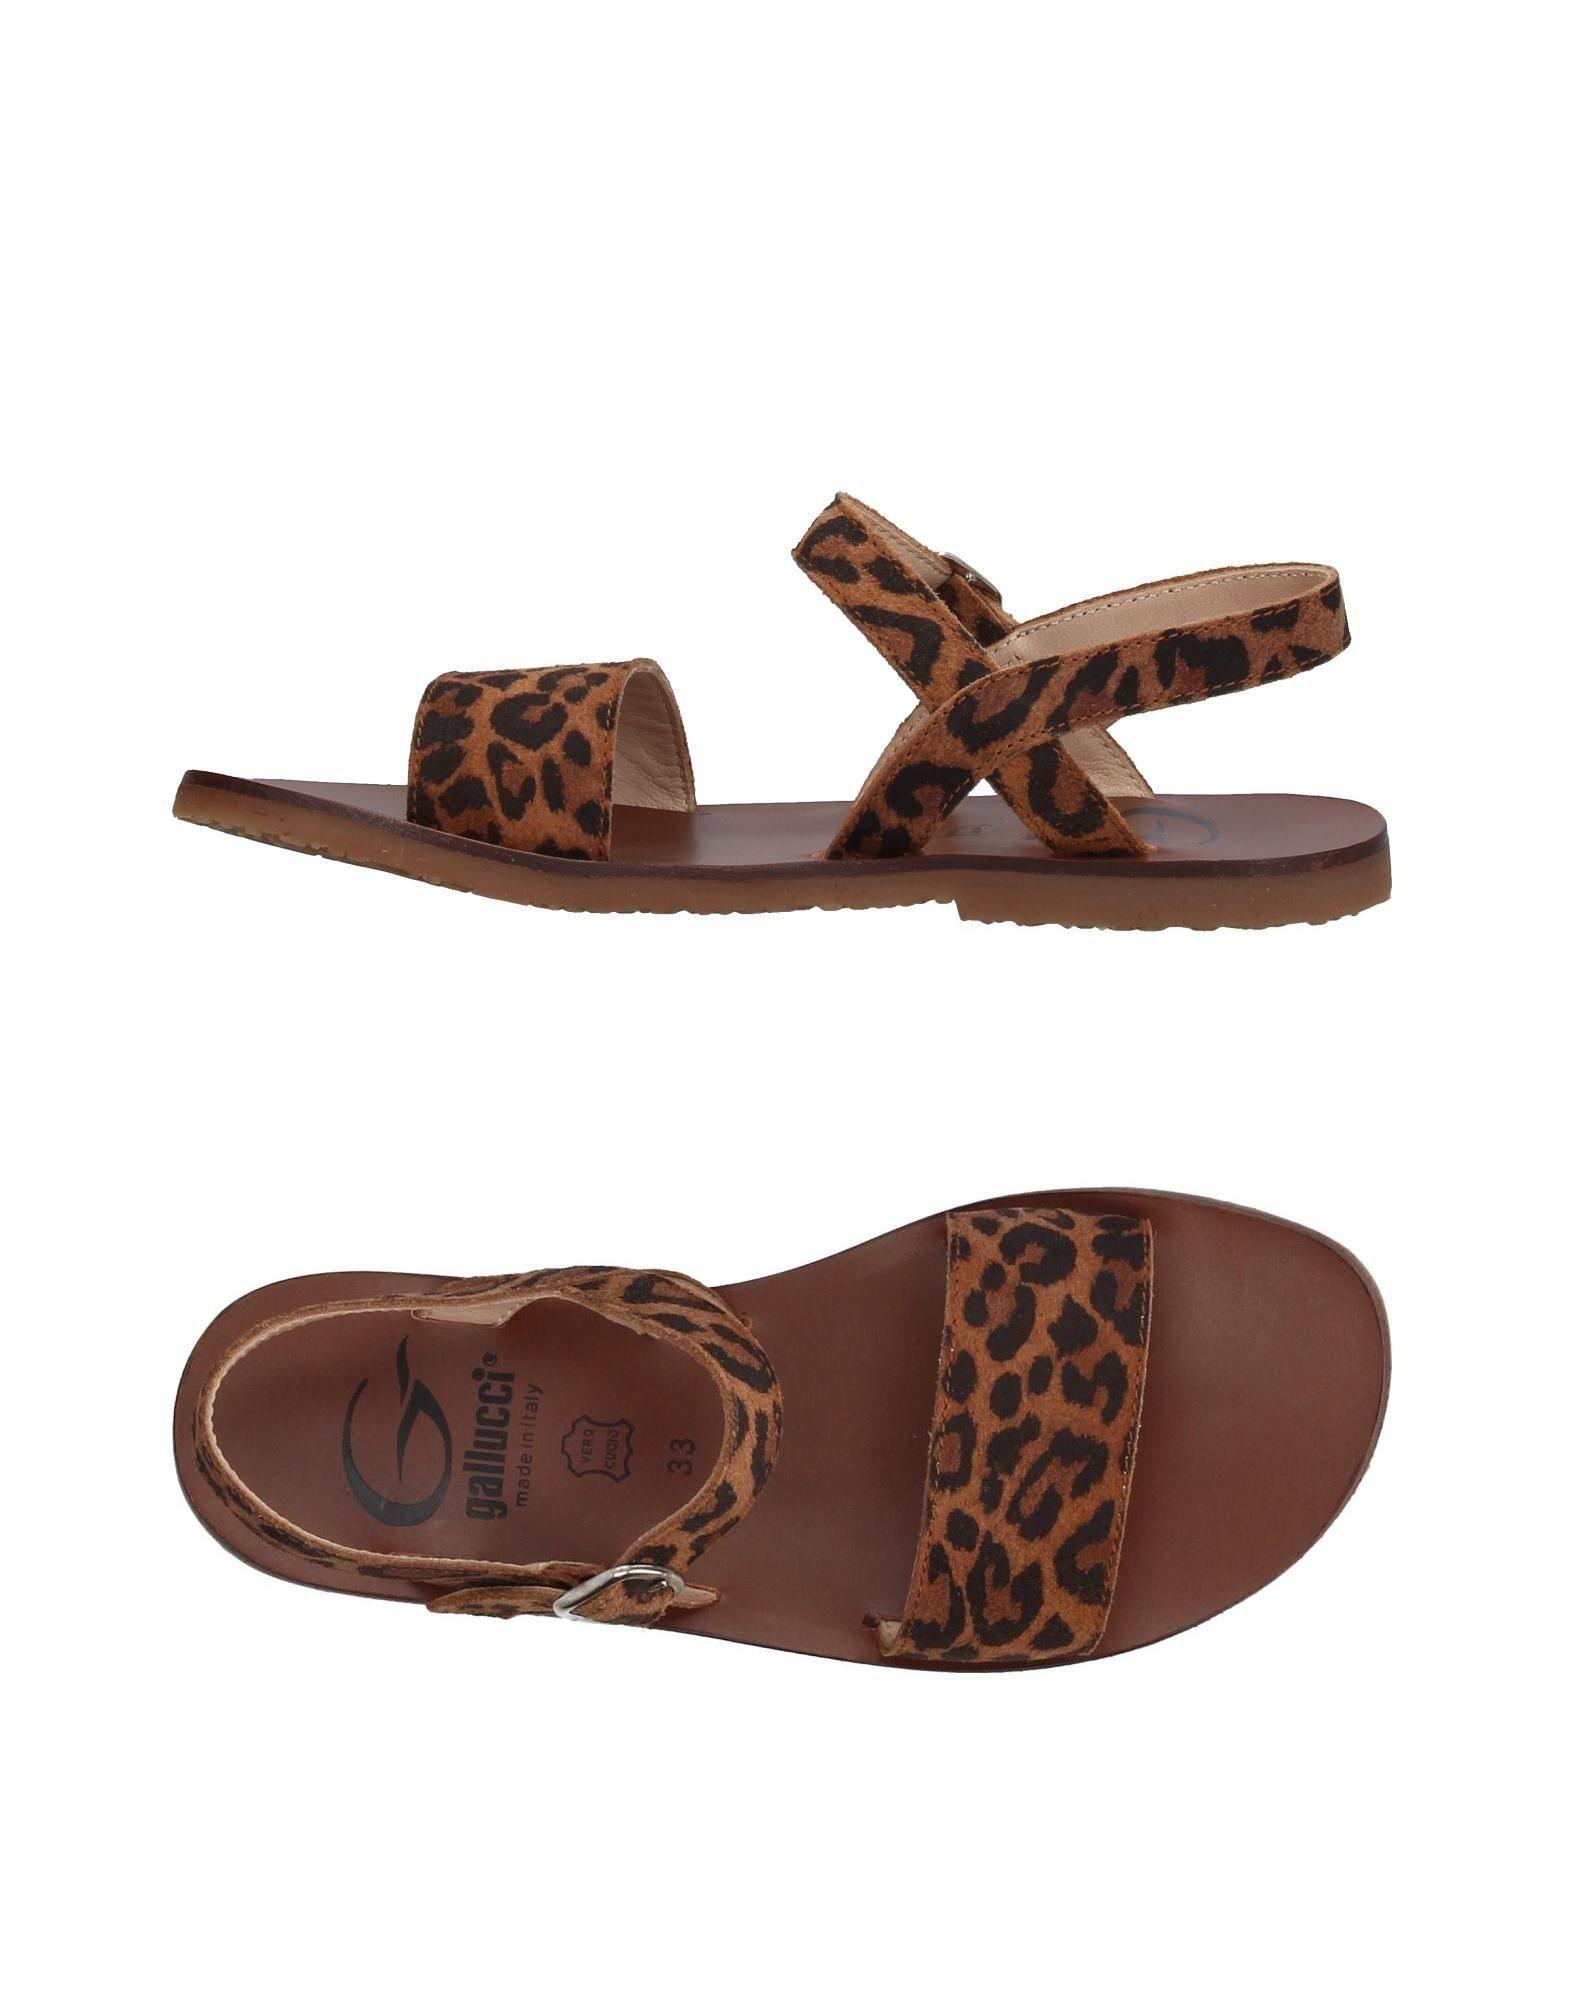 GALLUCCI Mädchen 9-16 jahre Sandale Farbe Braun Größe 17 jetztbilligerkaufen